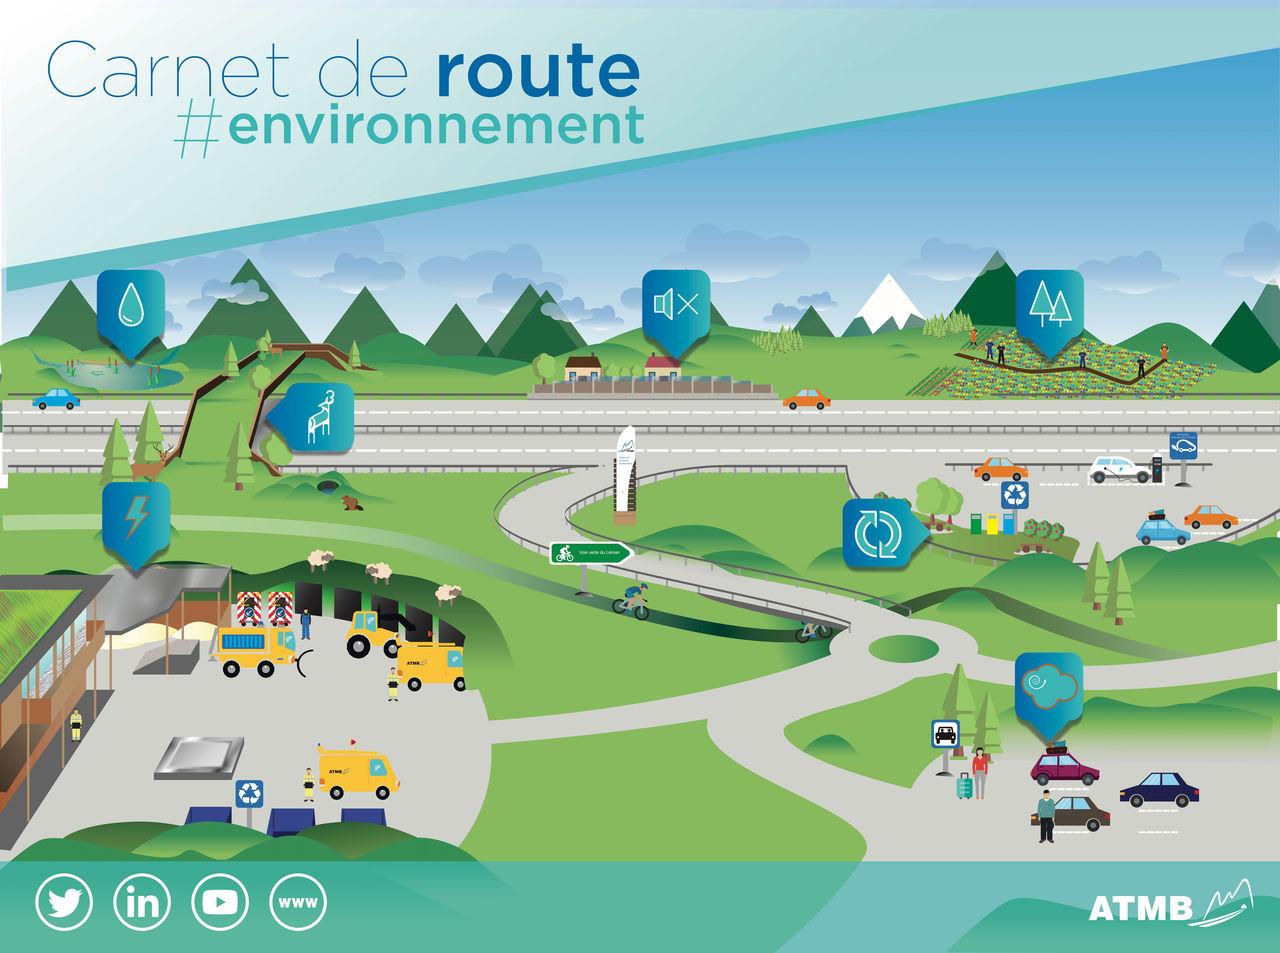 Carnet de route #environnement